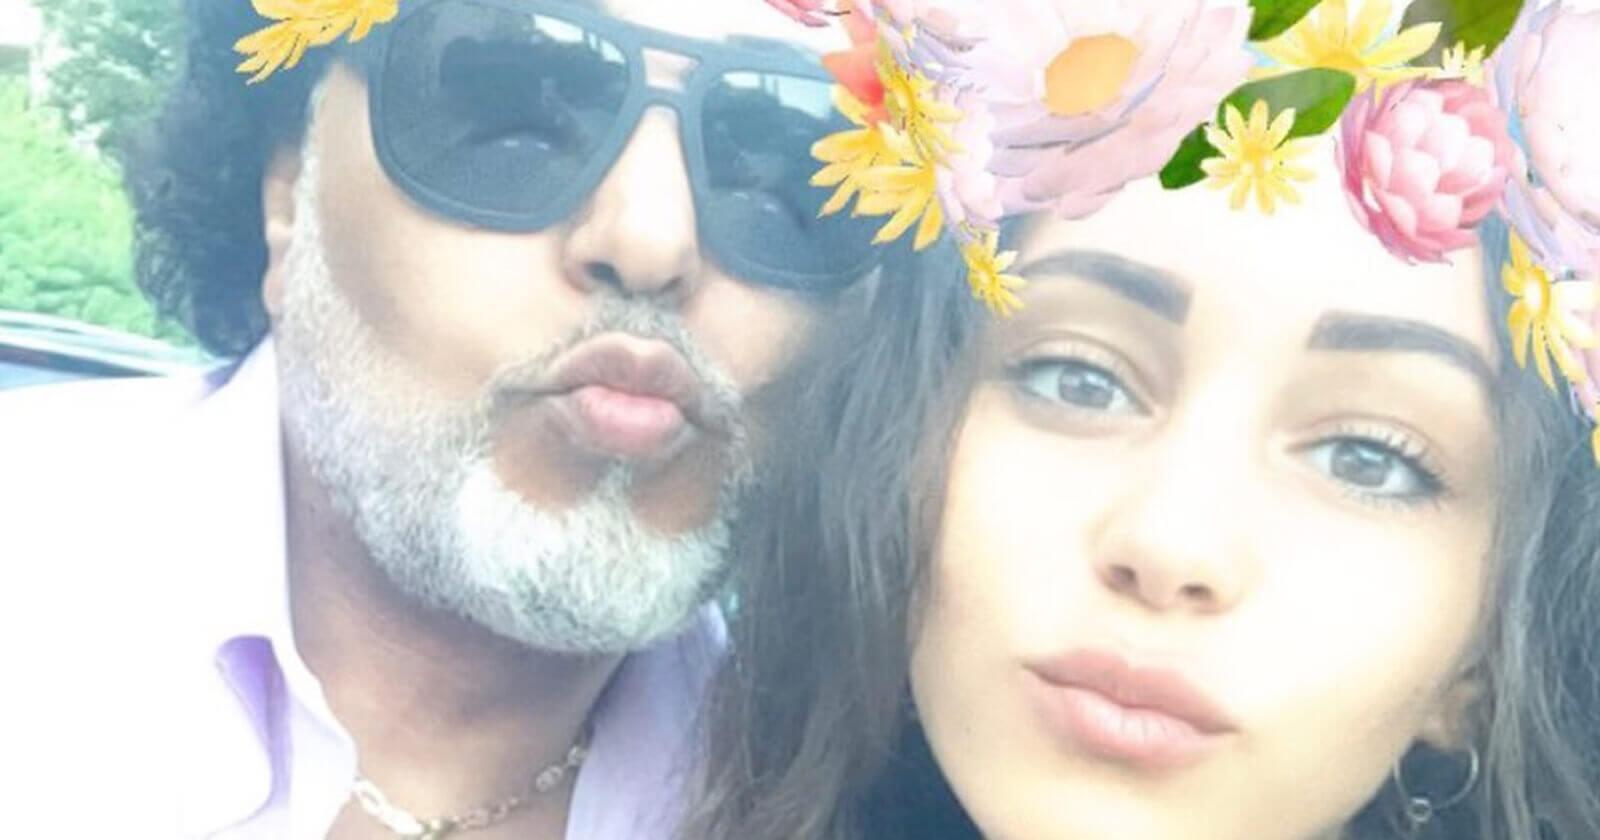 Chi è Giulio Bissiri Padre delle Sorelle Selassié? La Vera storia (spiegata)